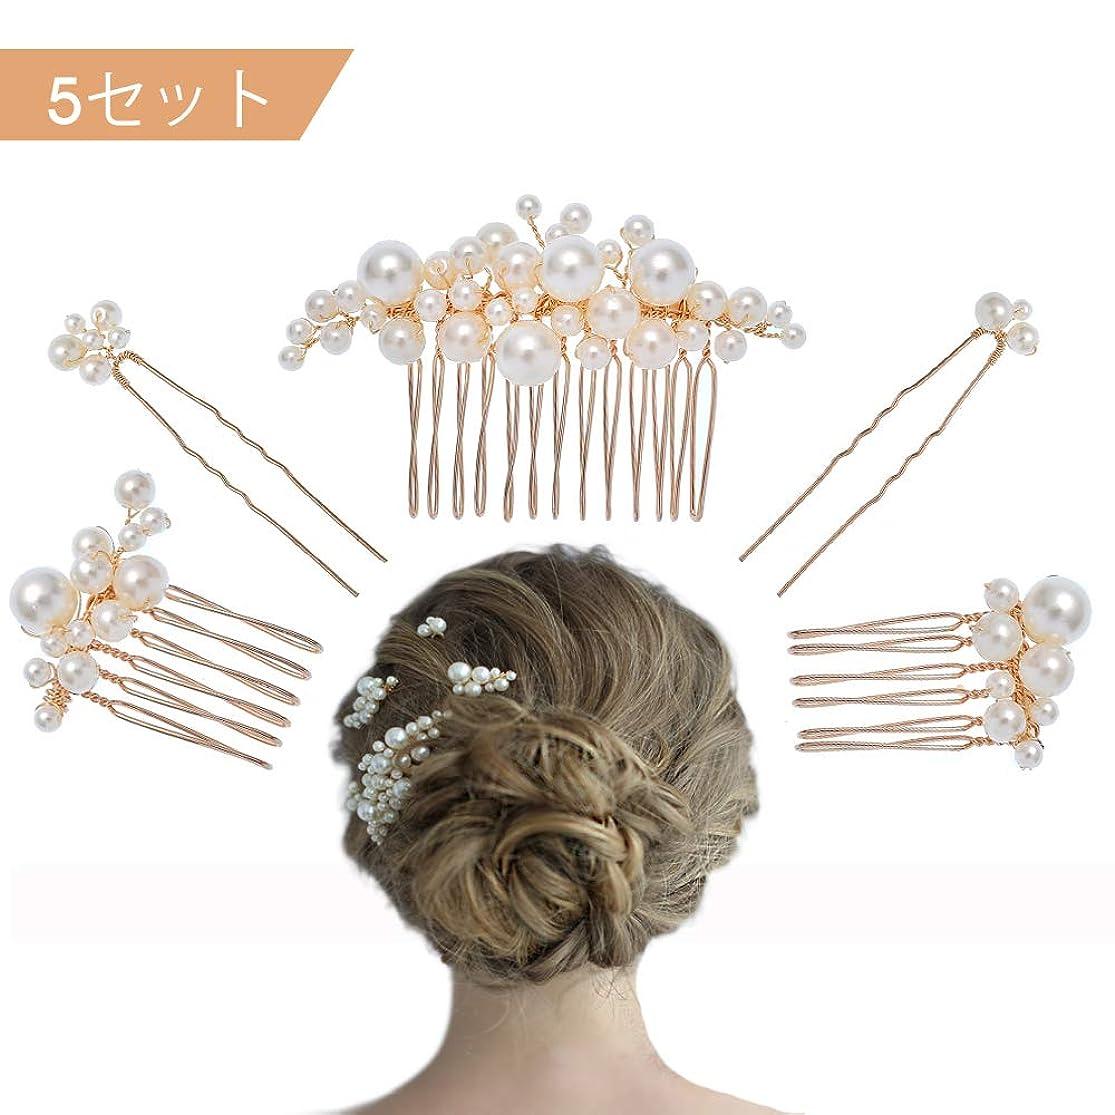 紛争に対処する無秩序SPOKKI パール 髪飾り ヘアアクセサリーヘアピン ウェディング 結婚式 卒業式 発表会 3種類 5本セット